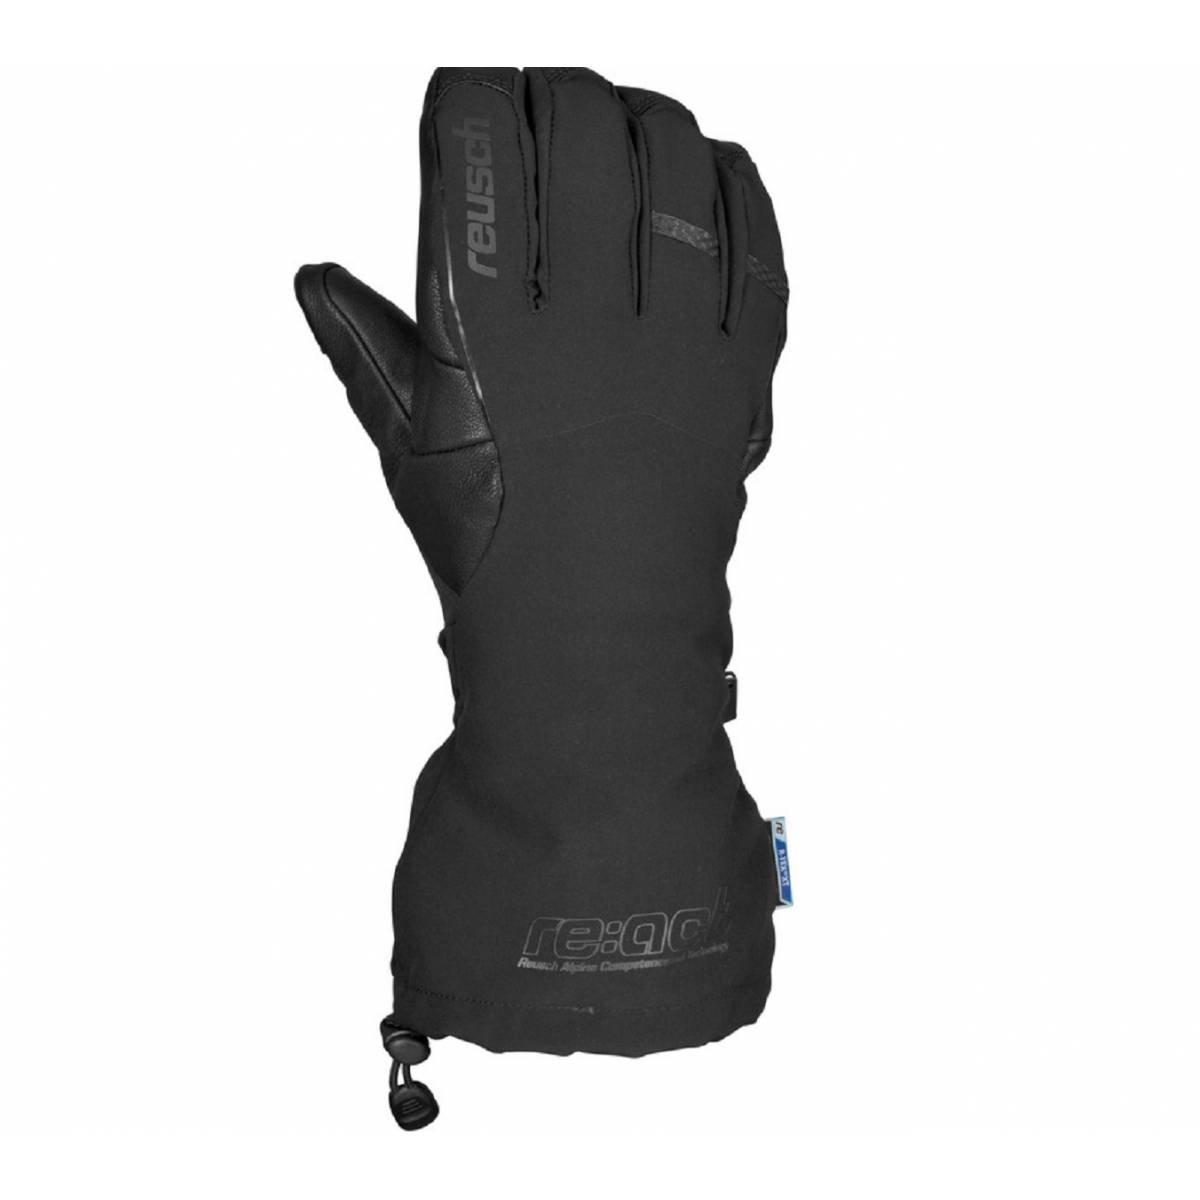 Reusch gasherbrum ii triple sys r-tex handschuhe fingerhandschuhe neu